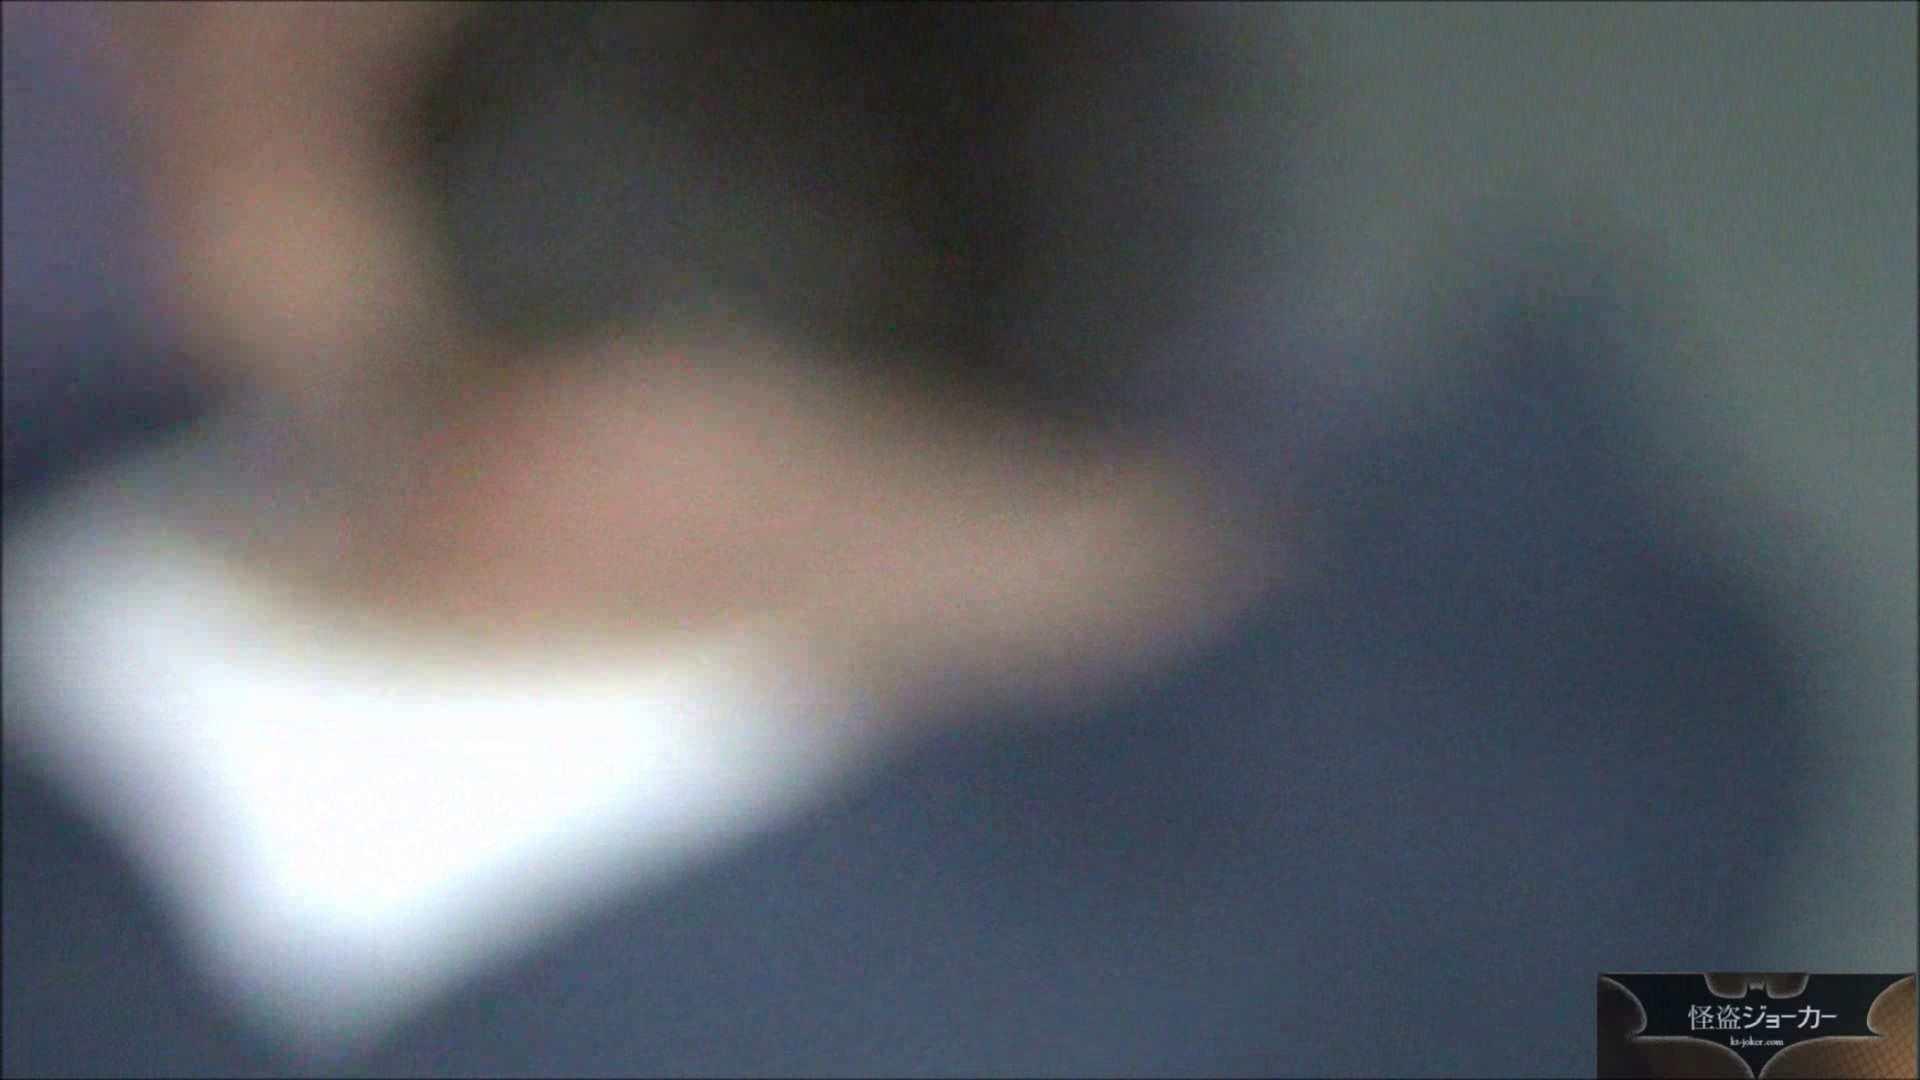 【未公開】vol.16 まおとこずえ-前編- 人妻の実態 ワレメ無修正動画無料 35pic 35